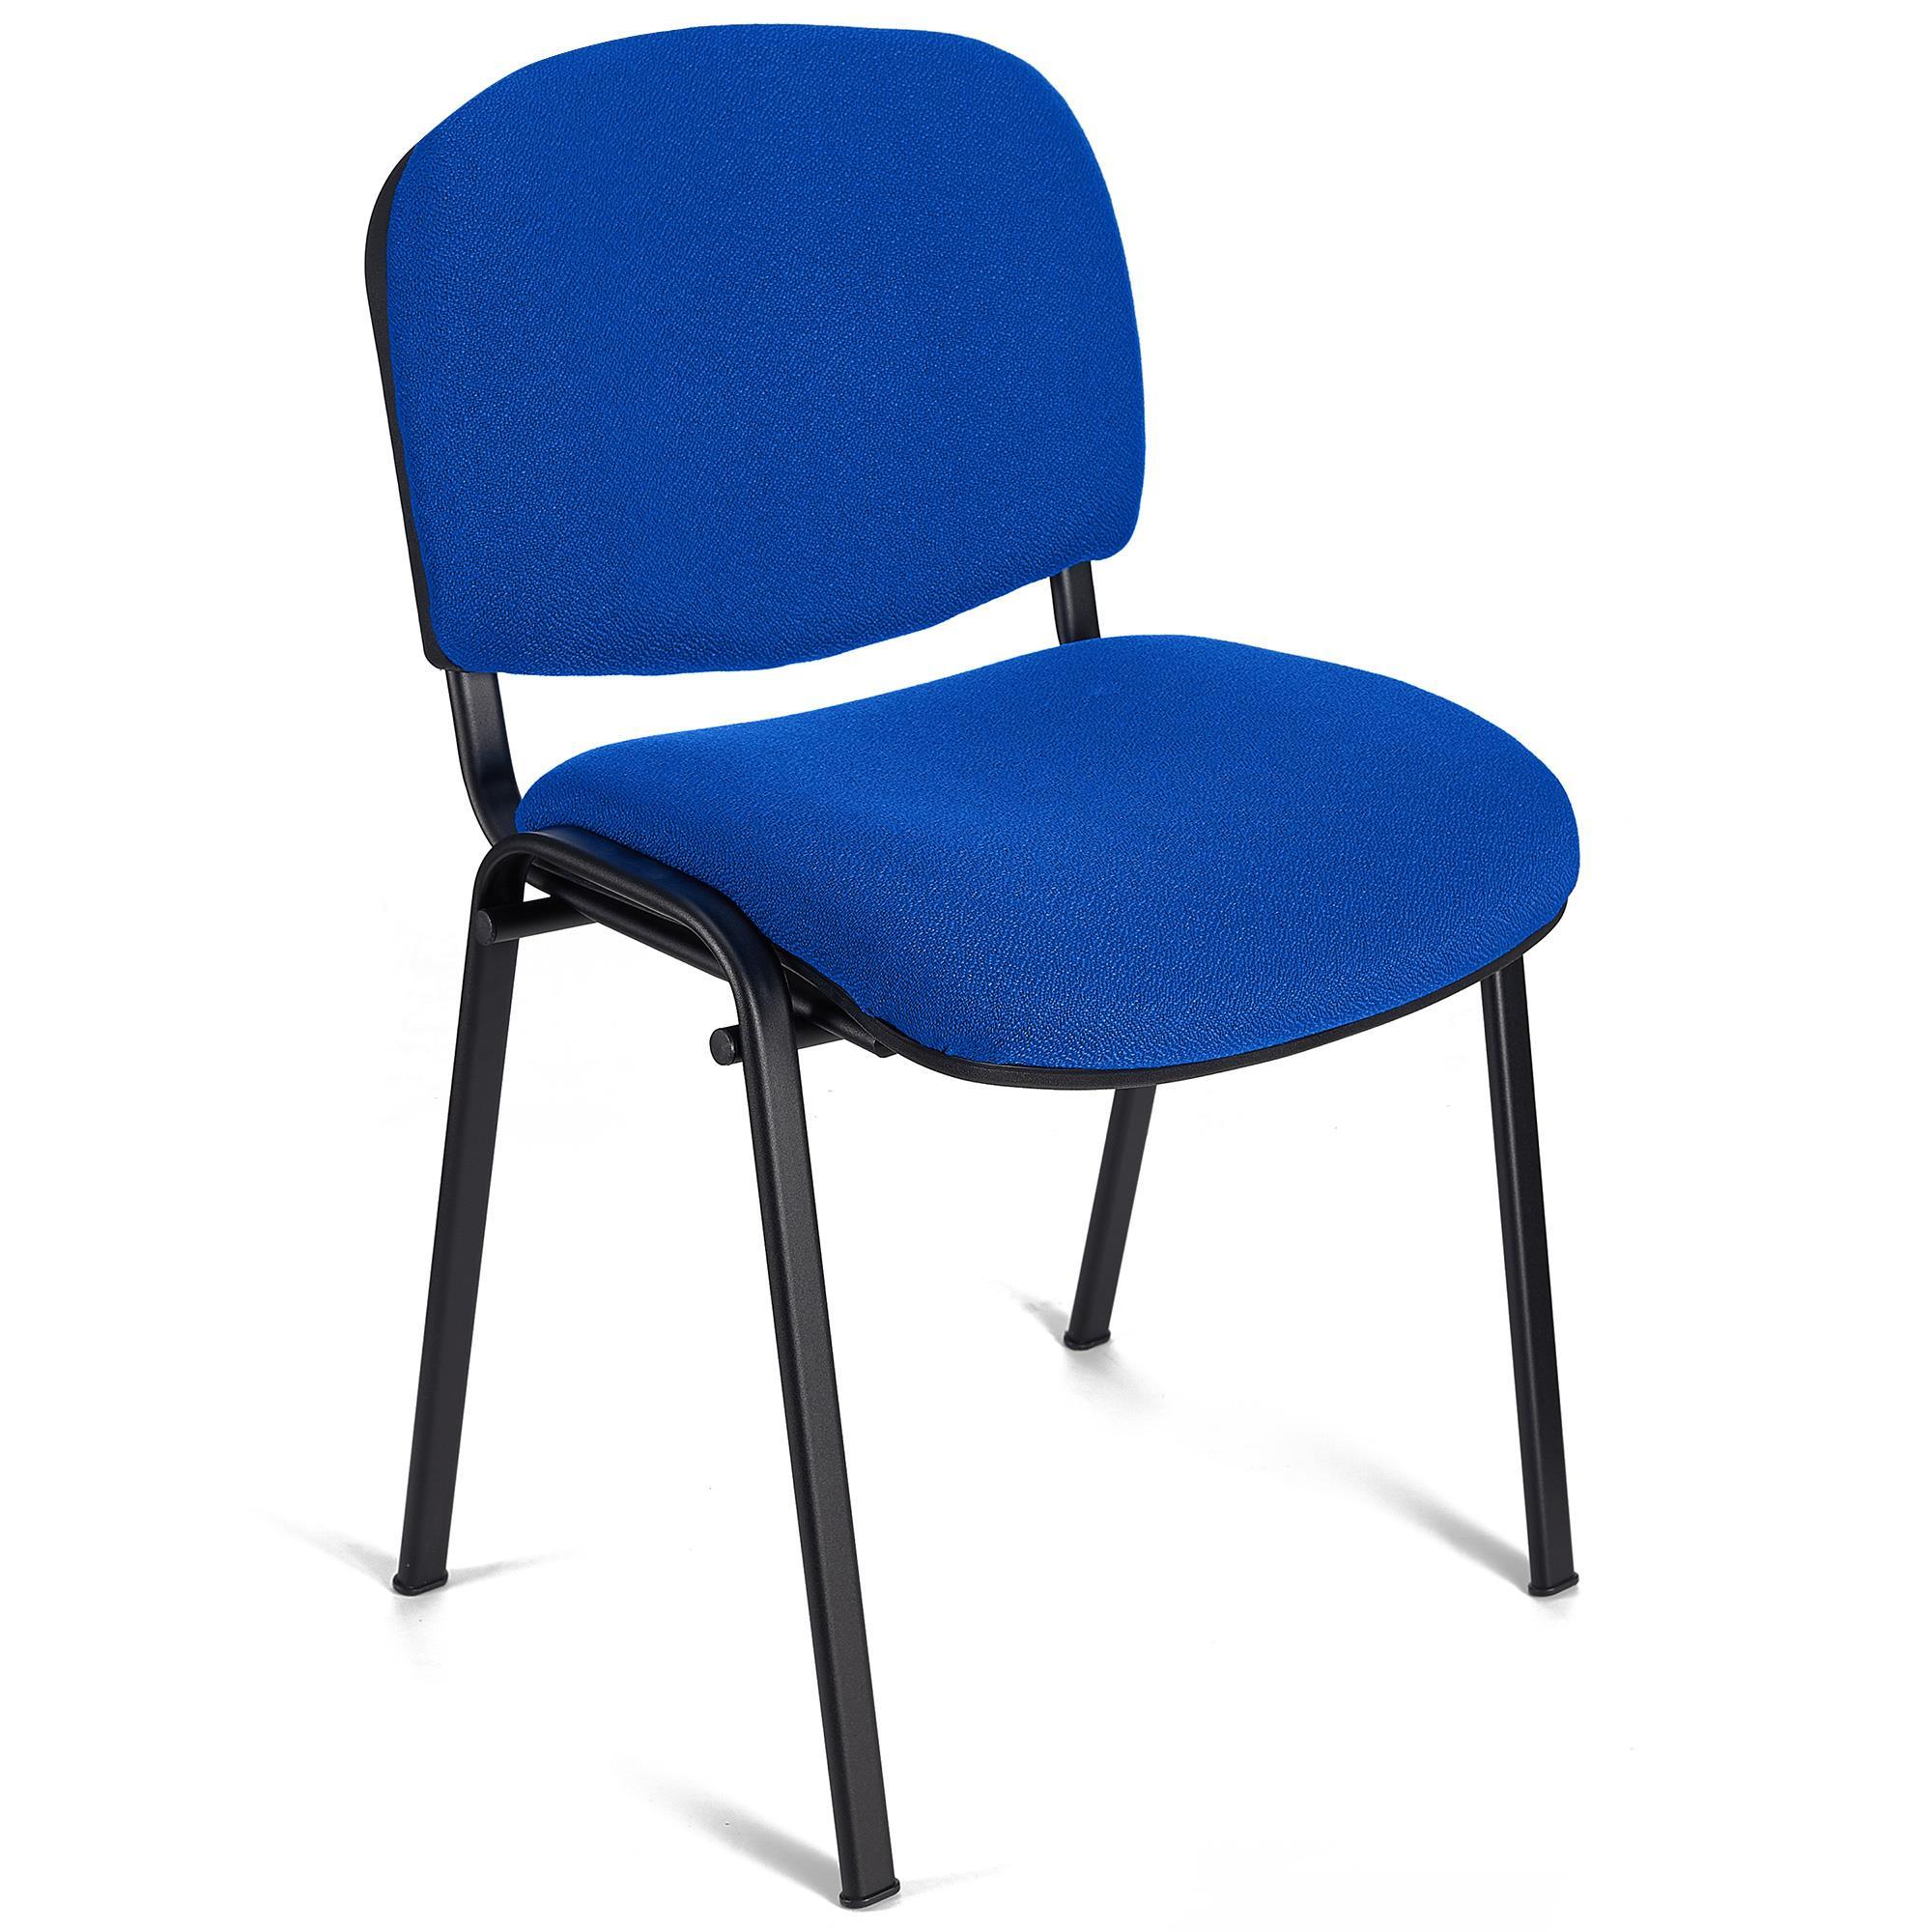 Silla de confidente moby base azul patas negras for Sillas de oficina comodas